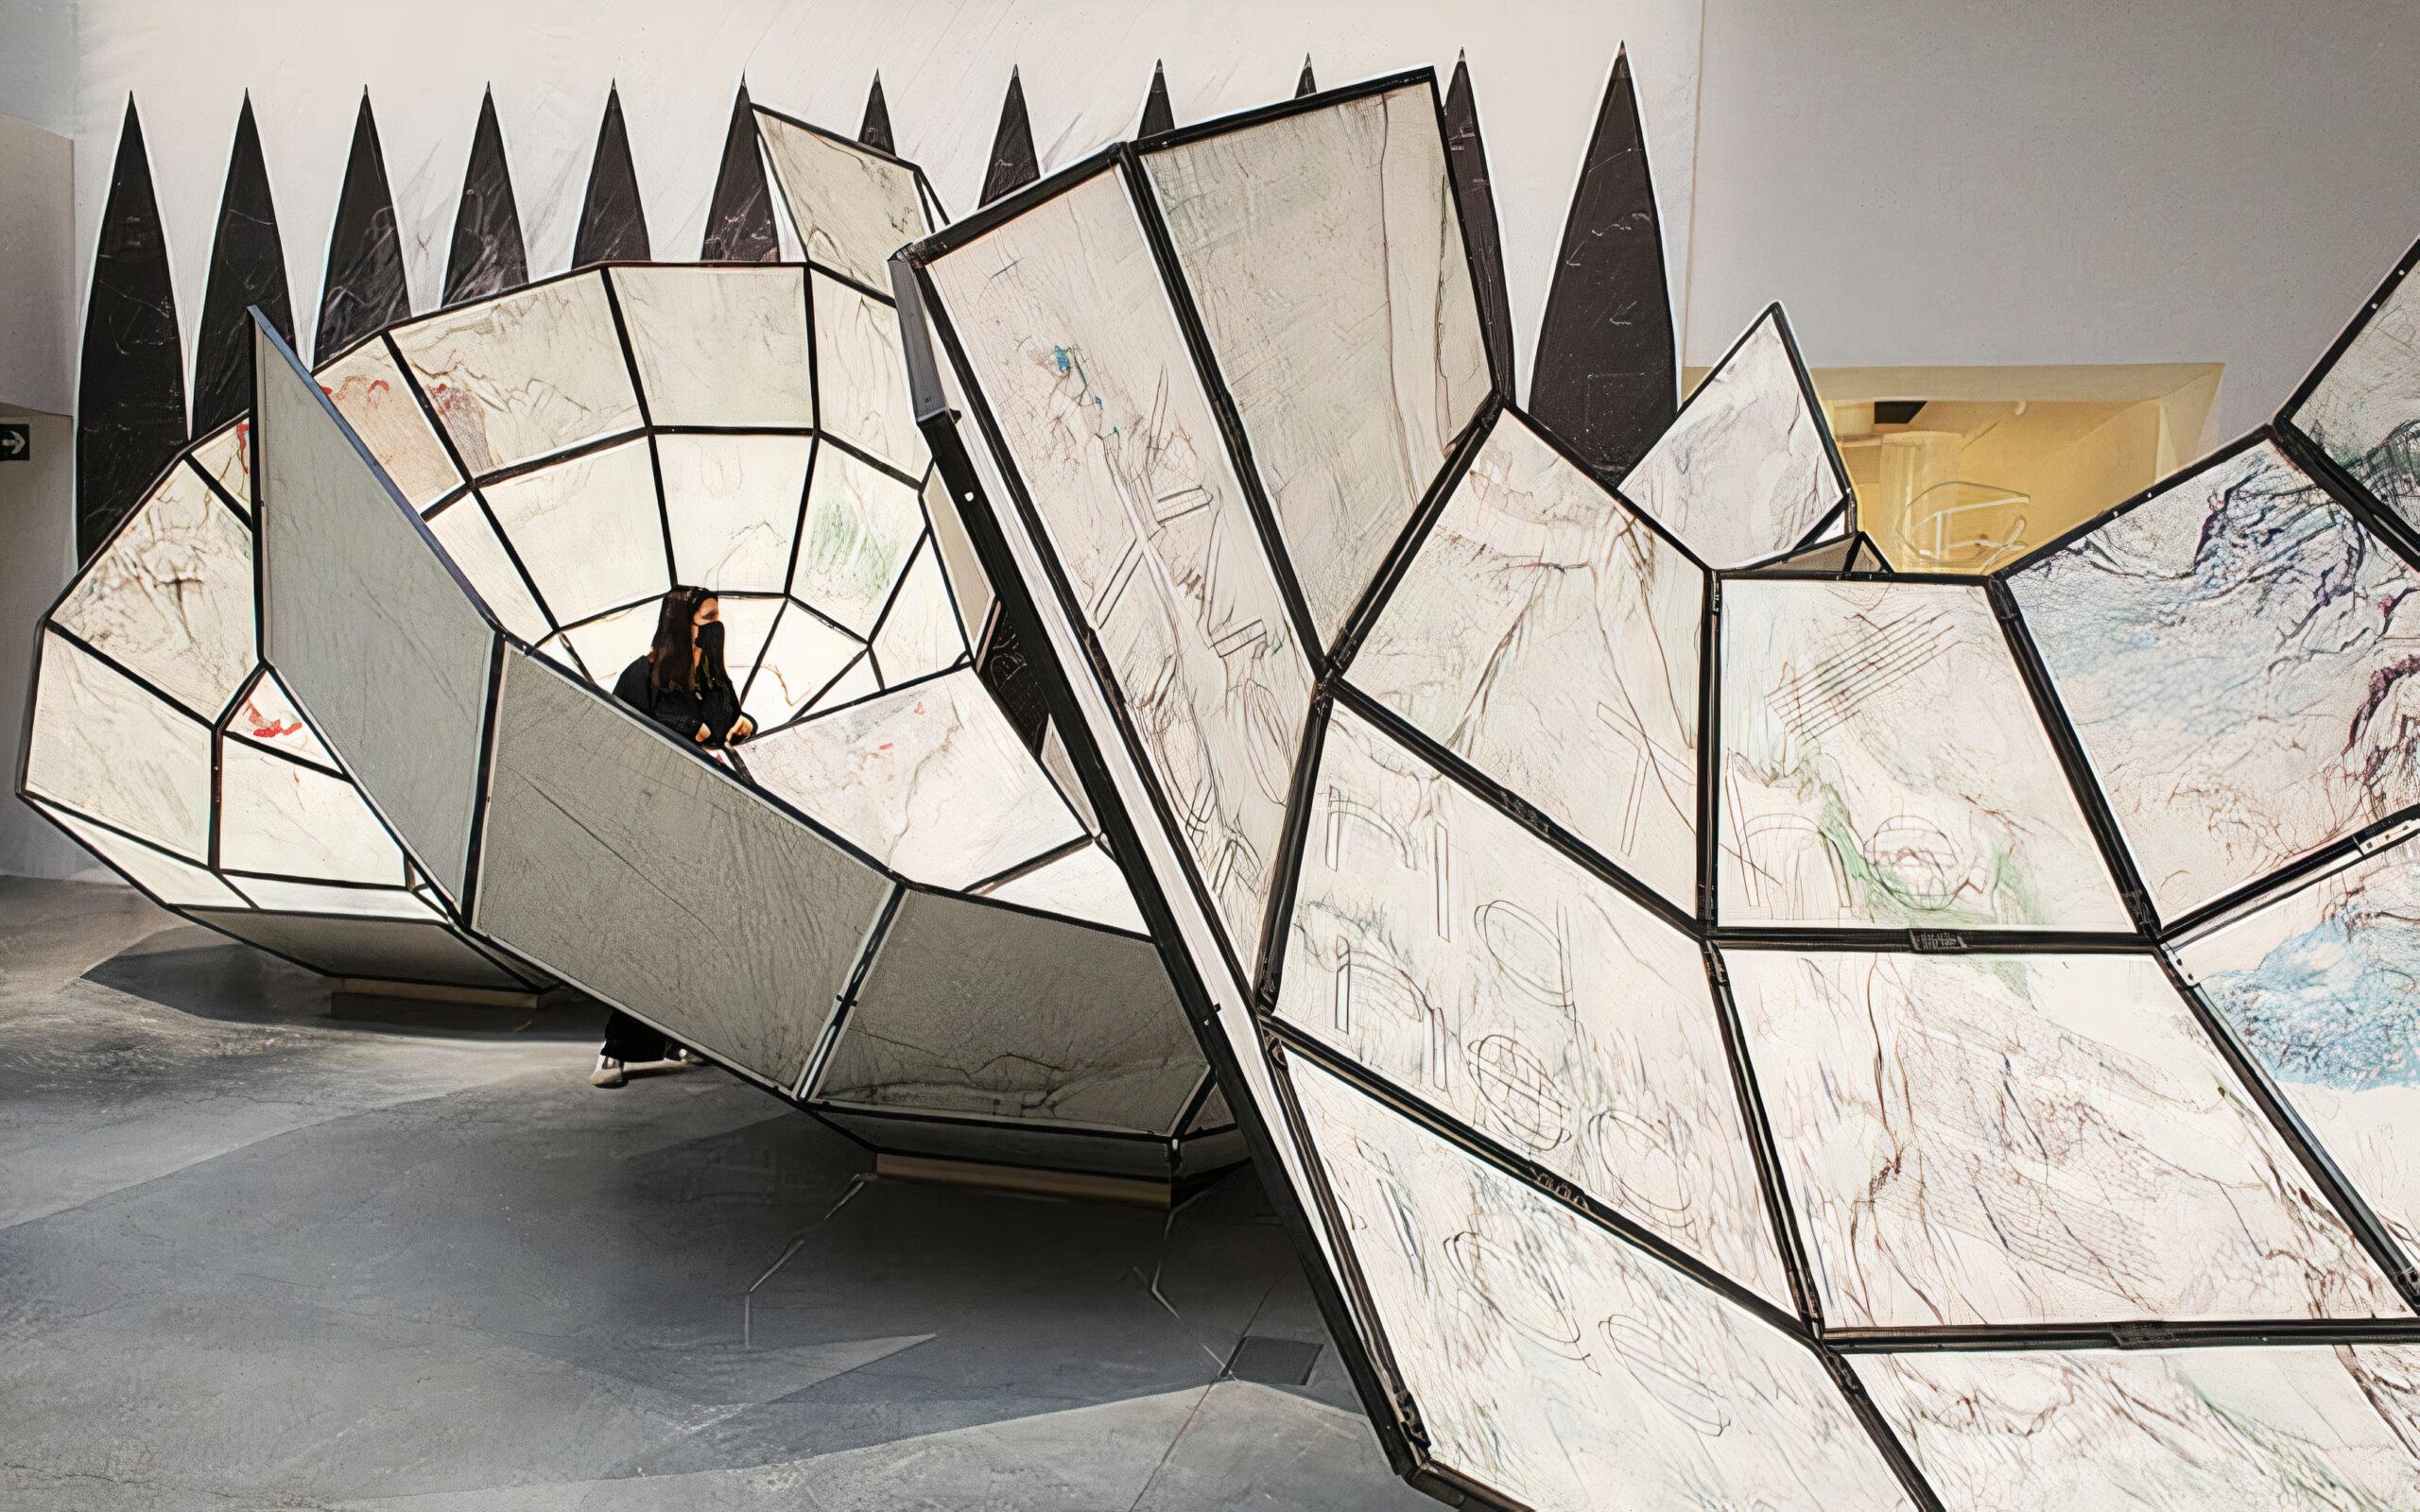 Plan B-Biennale di Venezia-Magazine Horse. Recomendaciones arte y diseño